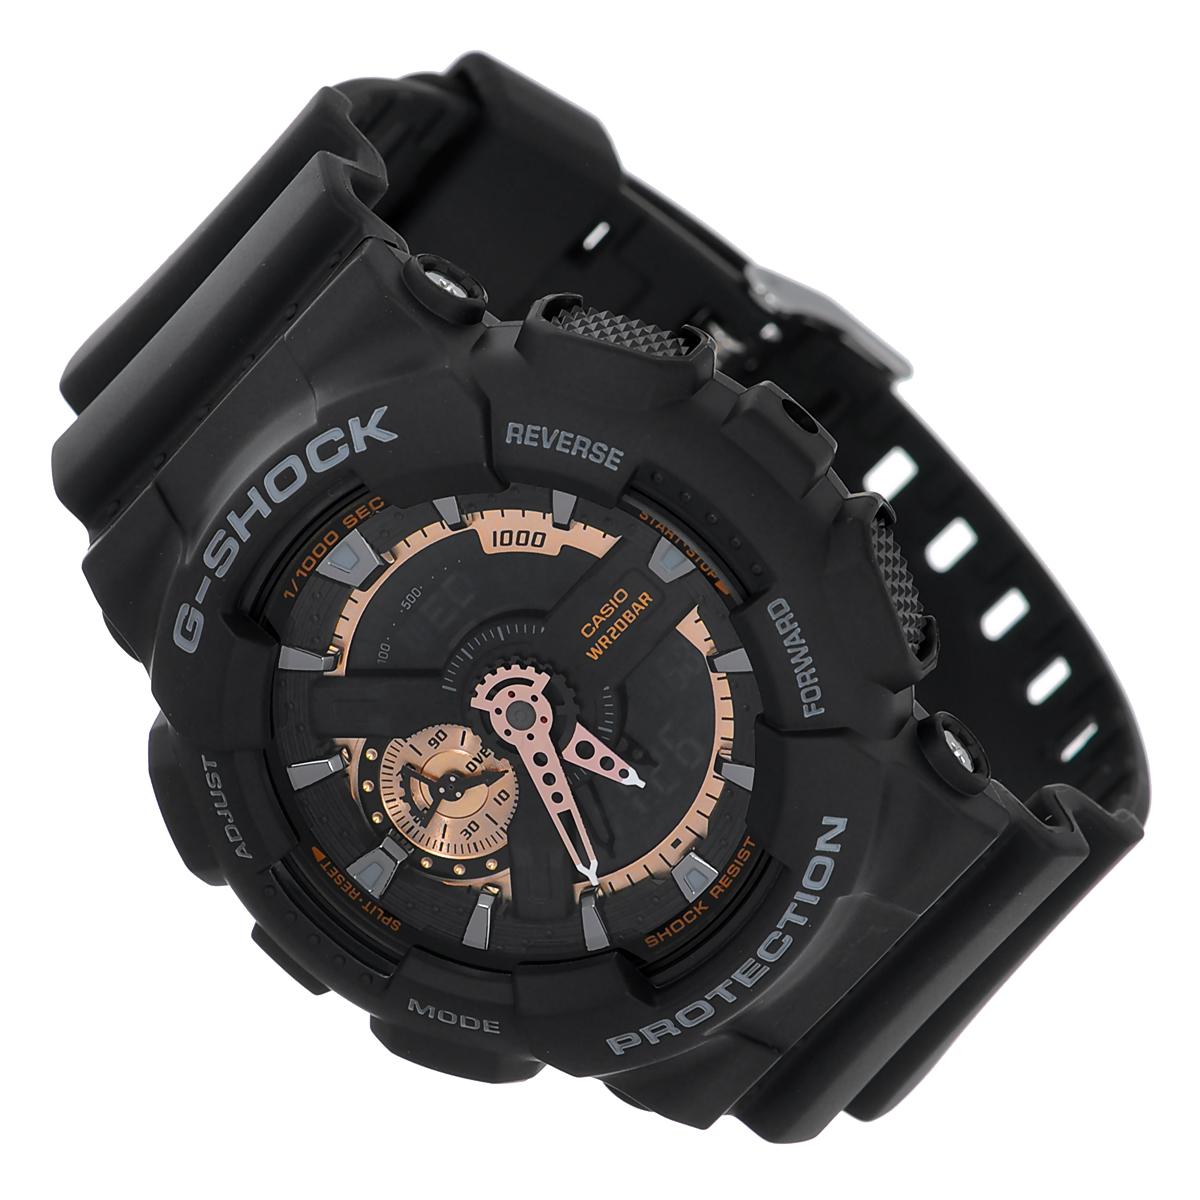 Часы мужские наручные Casio G-Shock, цвет: черный. GA-110RG-1AGA-110RG-1AСтильные часы G-Shock от японского брэнда Casio - это яркий функциональный аксессуар для современных людей, которые стремятся выделиться из толпы и подчеркнуть свою индивидуальность. Часы выполнены в спортивном стиле. Корпус имеет ударопрочную конструкцию, защищающую механизм от ударов и вибрации. Циферблат подсвечивается светодиодом, функция автоподсветки освещает циферблат при повороте часов к лицу. Ремешок из мягкого пластика имеет классическую застежку.Основные функции:-5 будильников, один с функцией повтора сигнала (чтобы отложить пробуждение), ежечасный сигнал;-автоматический календарь (число, месяц, день недели, год);-секундомер с точностью показаний 1/1000 с, время измерения 100 часов;-12-ти и 24-х часовой формат времени;-таймер обратного отсчета от 1 мин до 24 ч с автоповтором;-мировое время;-сплит-хронограф;-защита от магнитных полей.Часы упакованы в фирменную коробку с логотипом Casio. Такой аксессуар добавит вашему образу стиля и подчеркнет безупречный вкус своего владельца.Характеристики:Диаметр циферблата: 3,7 см. Размер корпуса: 5,5 см х 5,1 см х 1,7 см. Длина ремешка (с корпусом): 25 см. Ширина ремешка: 2,2 см.STAINLESS STELL BACK JAPAN MOVT EL CASED IN CHINA.